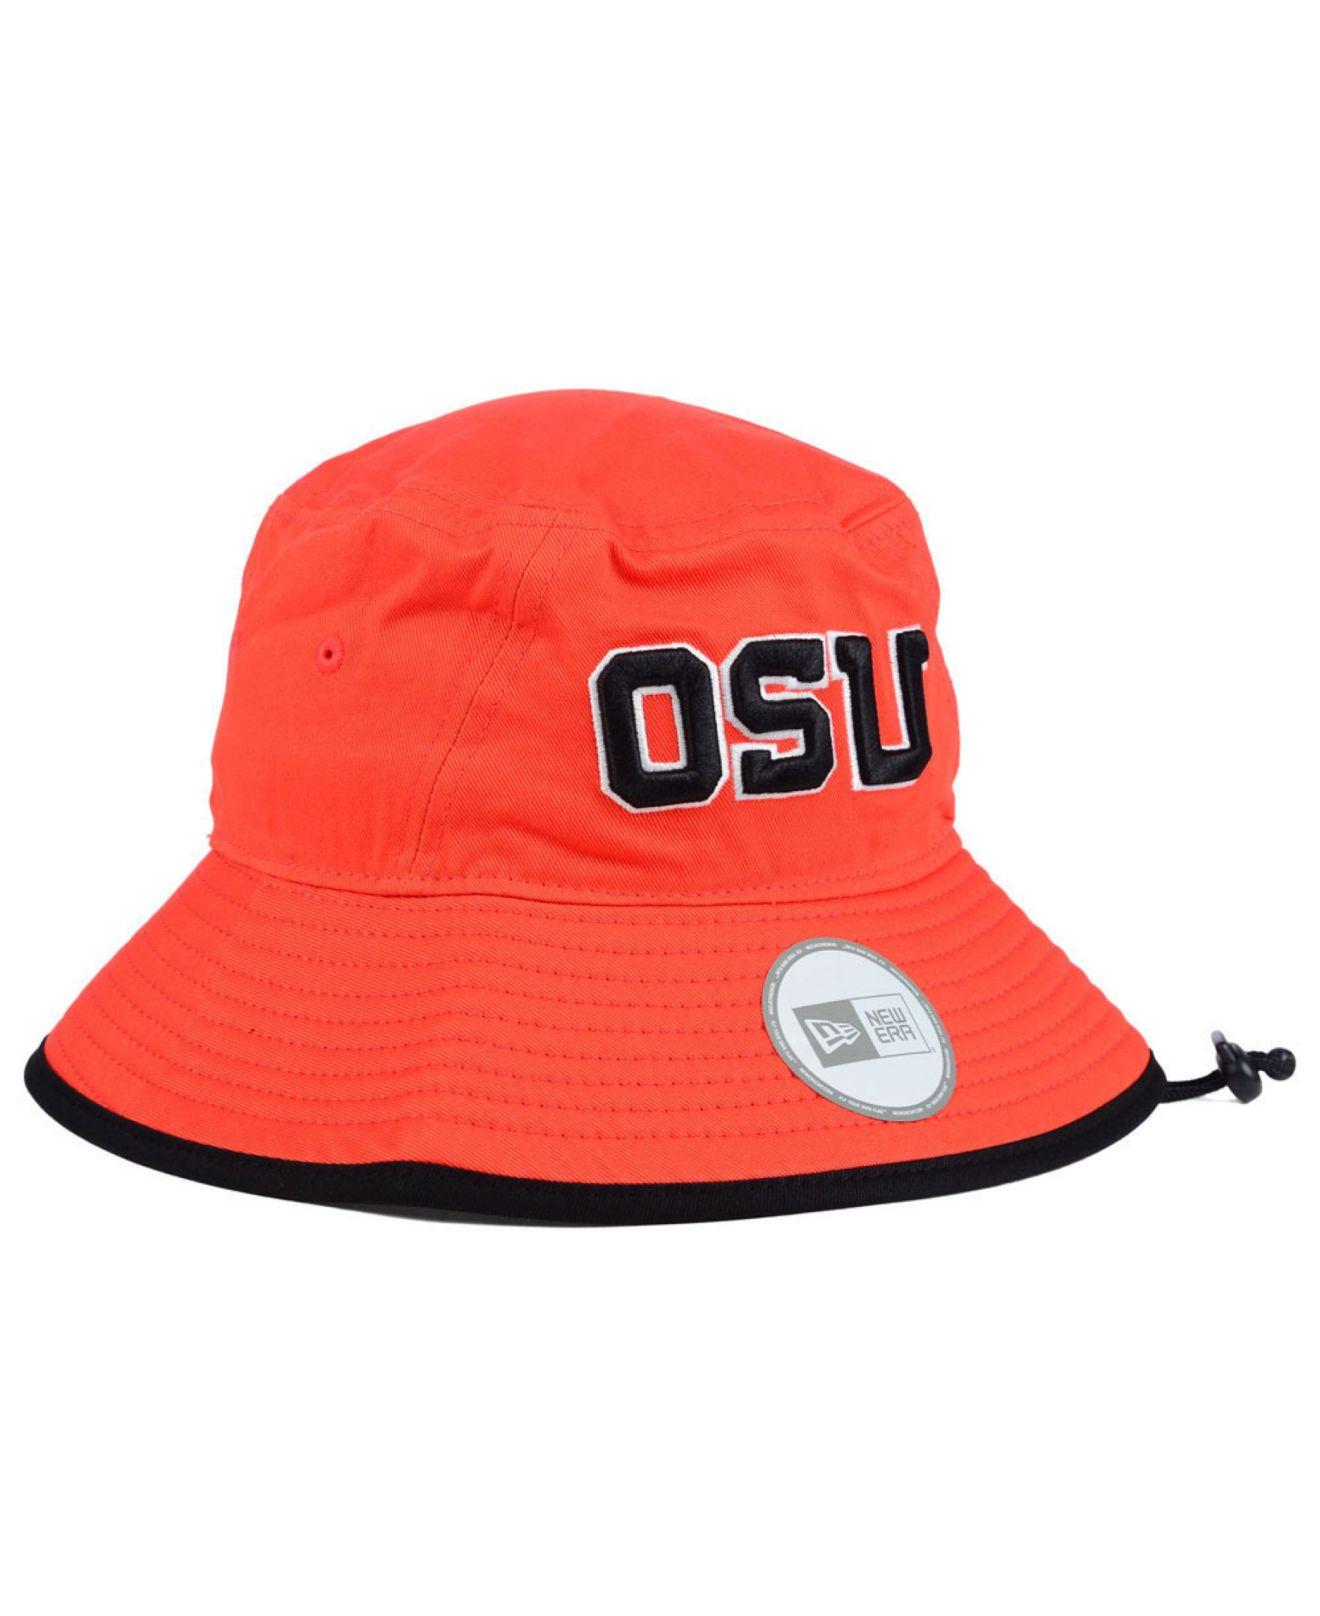 6457afcf34f Lyst - KTZ Oregon State Beavers Tip Bucket Hat in Orange for Men